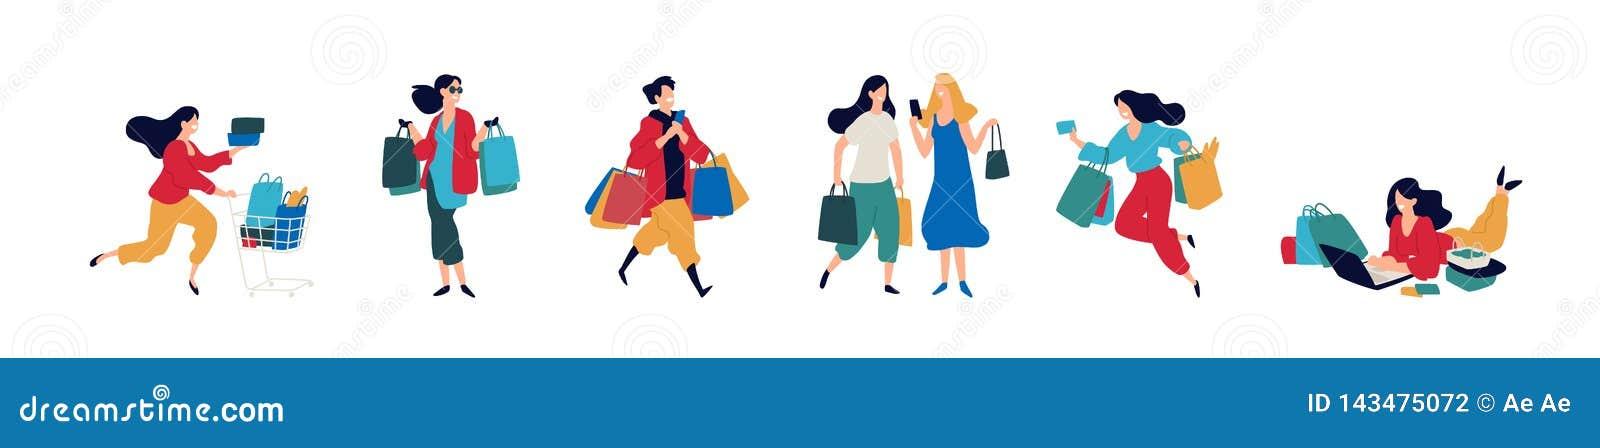 Illustratie van mensen met aankopen Vector Mannen en vrouwen die goederen kochten Kortingen en verkoop in kleinhandelsnetwerken v